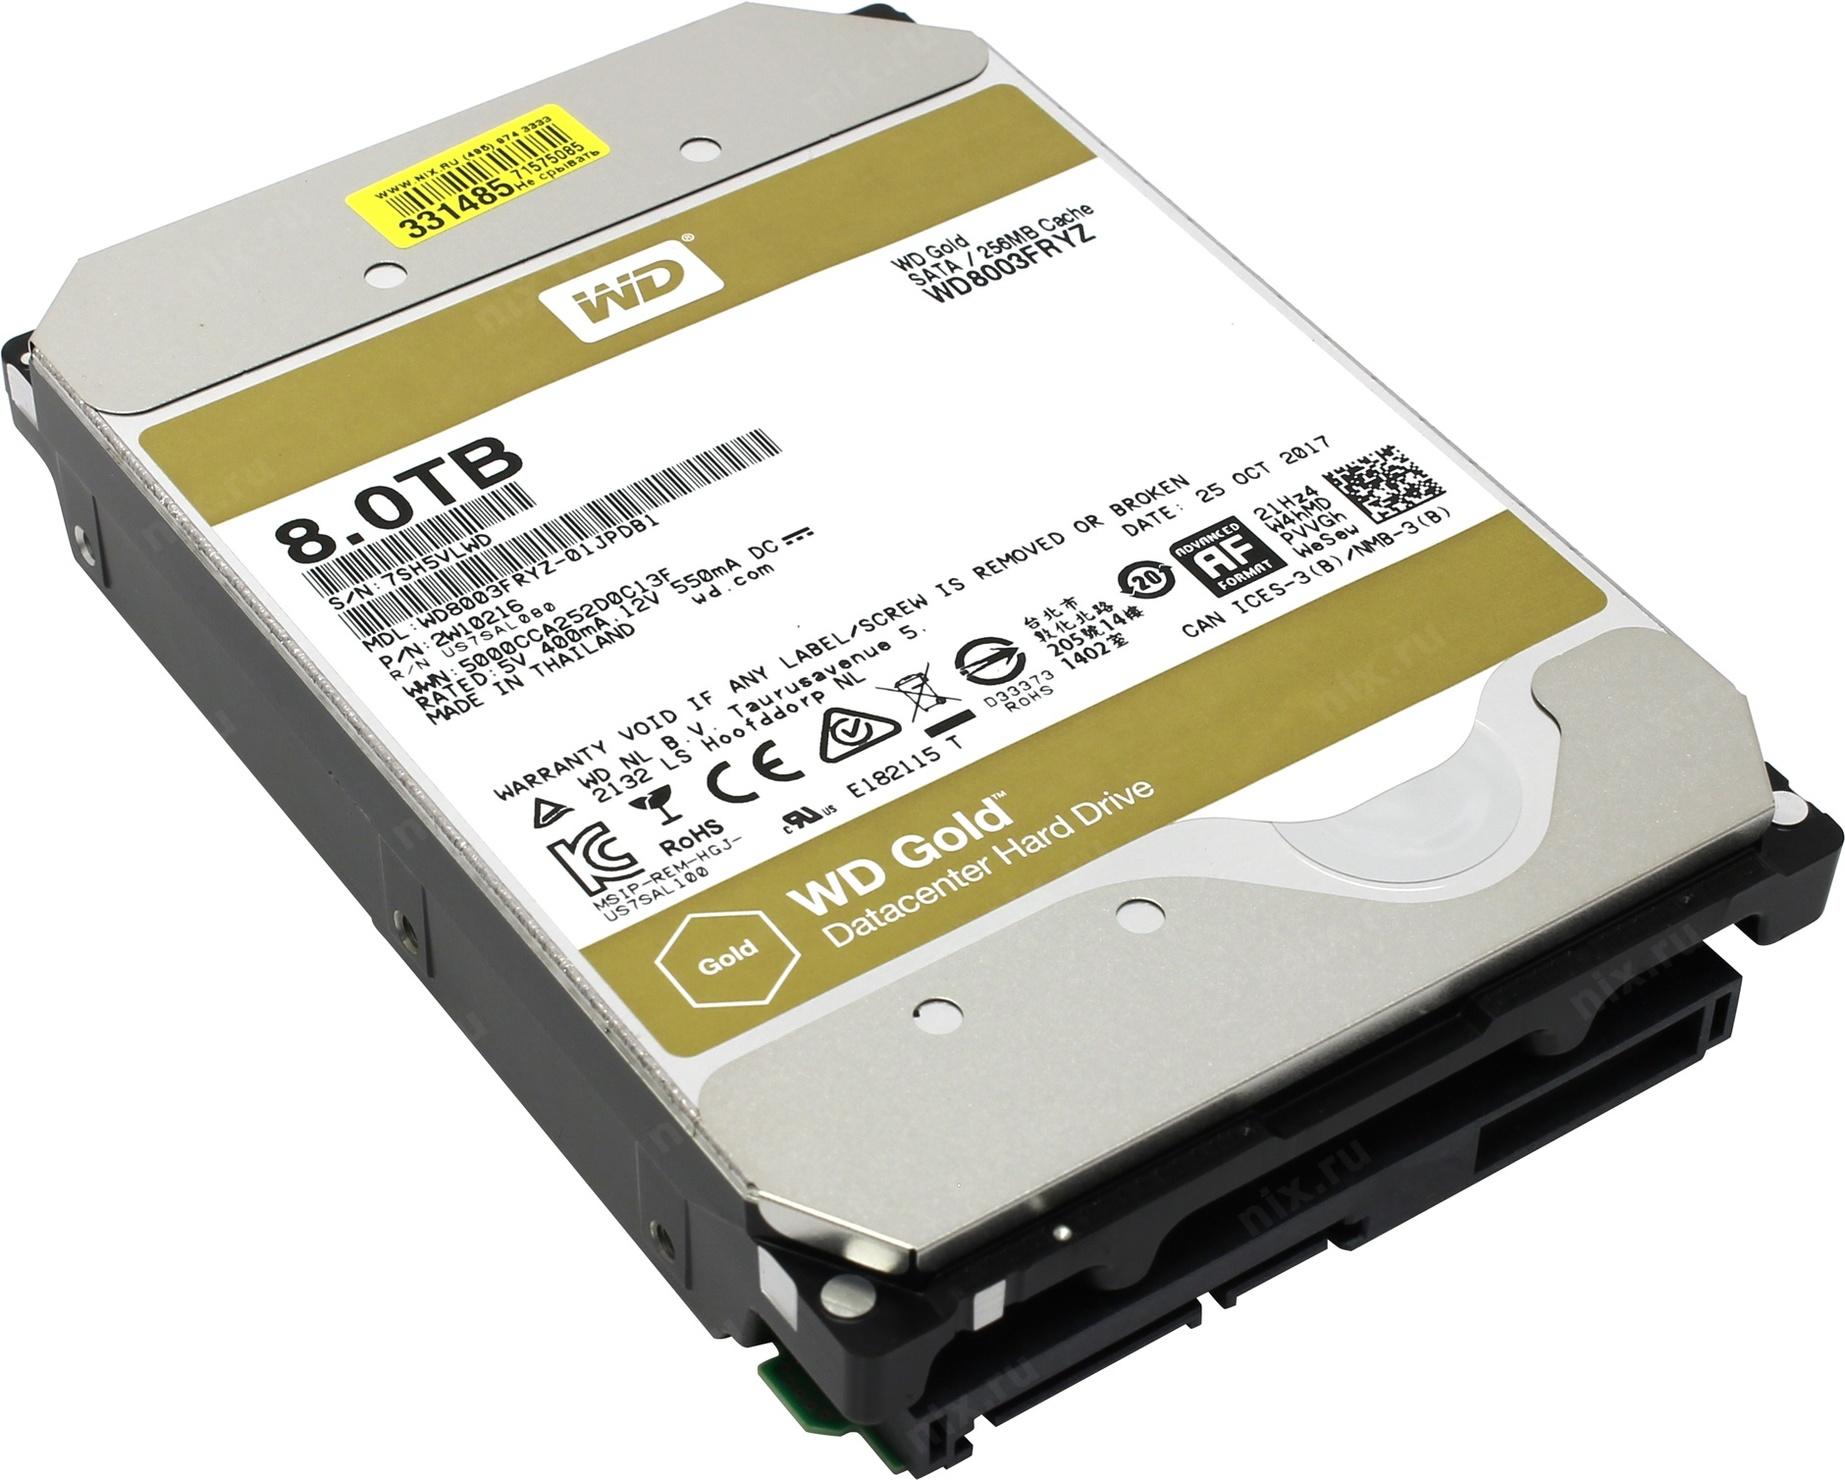 Western Digital WD Gold 8 TB (WD8003FRYZ)